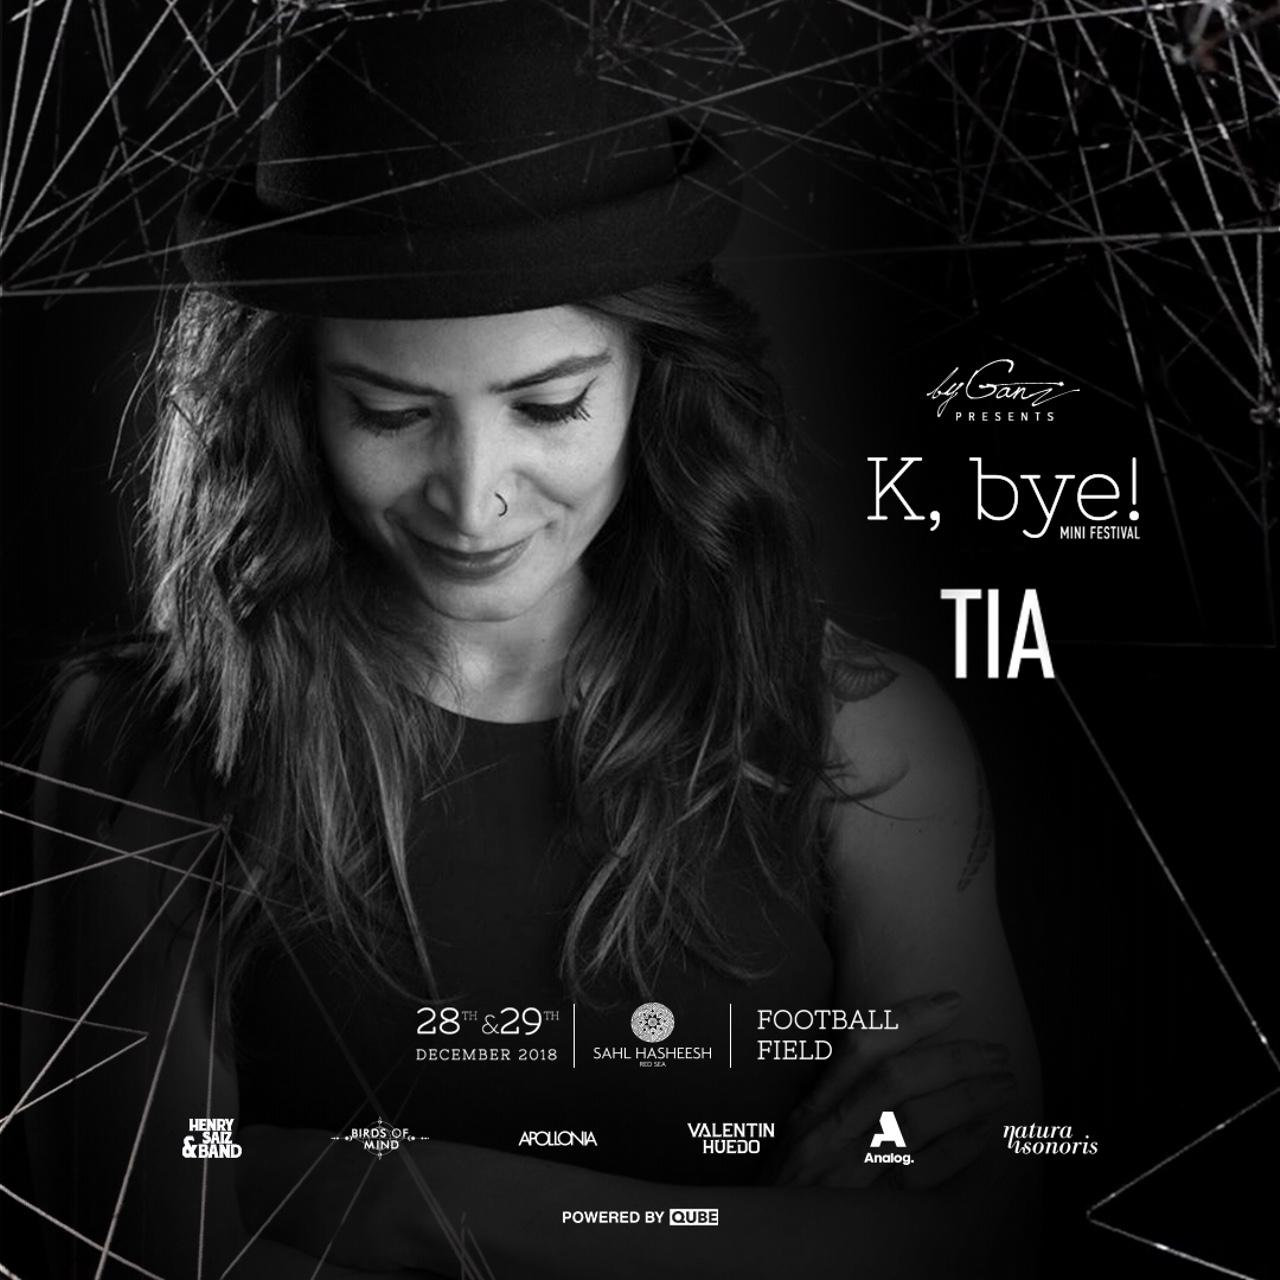 K,bye! Weekend Sahl Hasheesh Egypt TIA byganz 2018